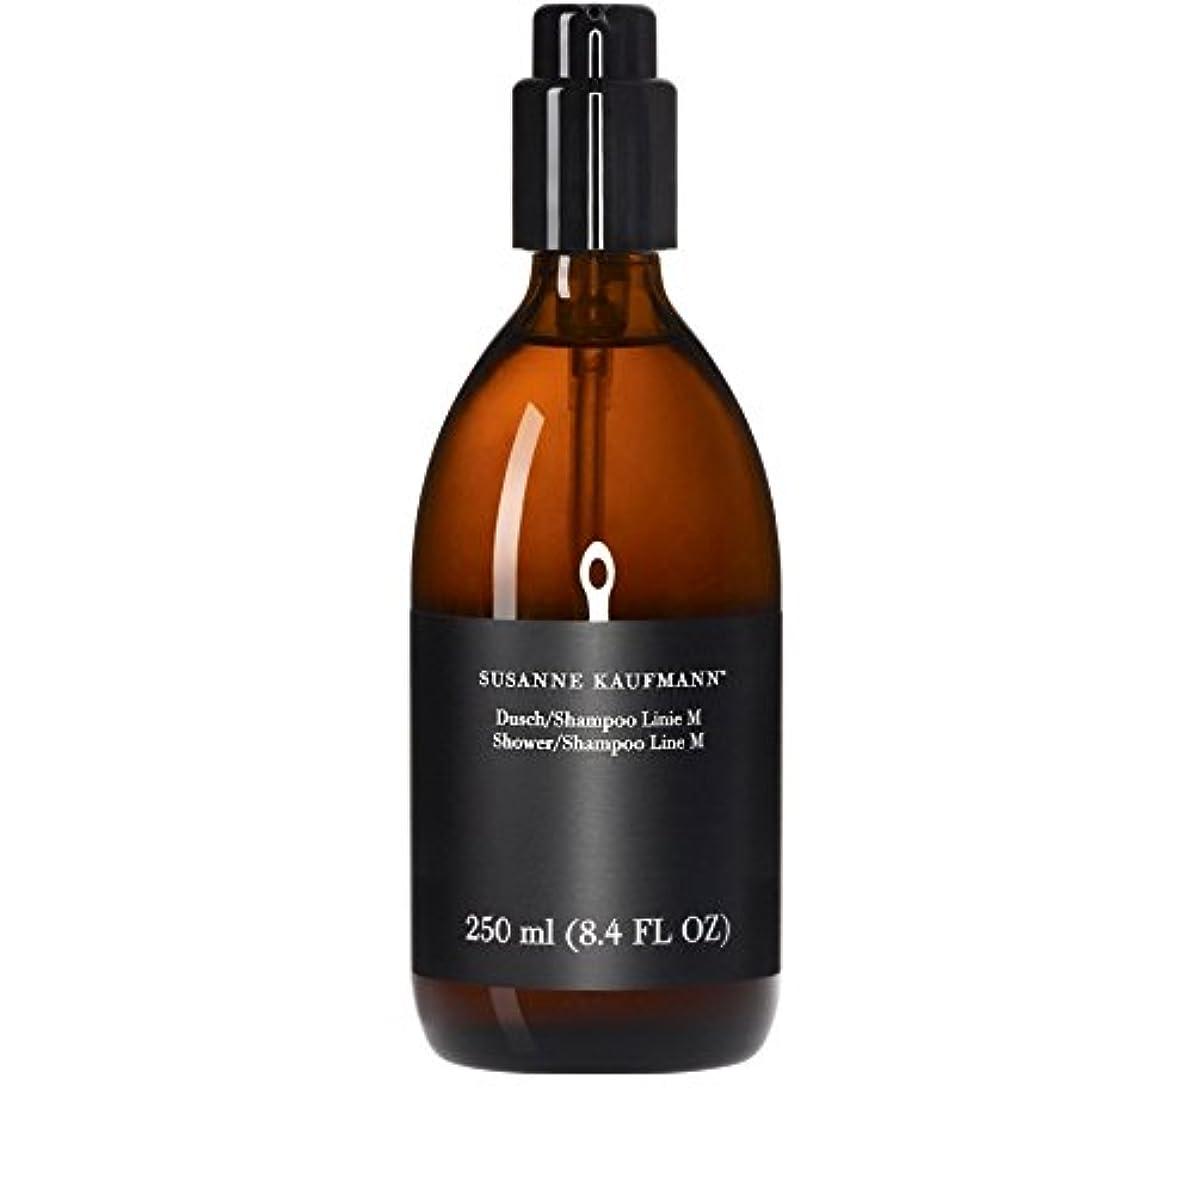 アデレードあなたのものバルク男性のためのスザンヌカウフマンシャワー/シャンプー250ミリリットル x2 - Susanne Kaufmann Shower/Shampoo for Men 250ml (Pack of 2) [並行輸入品]